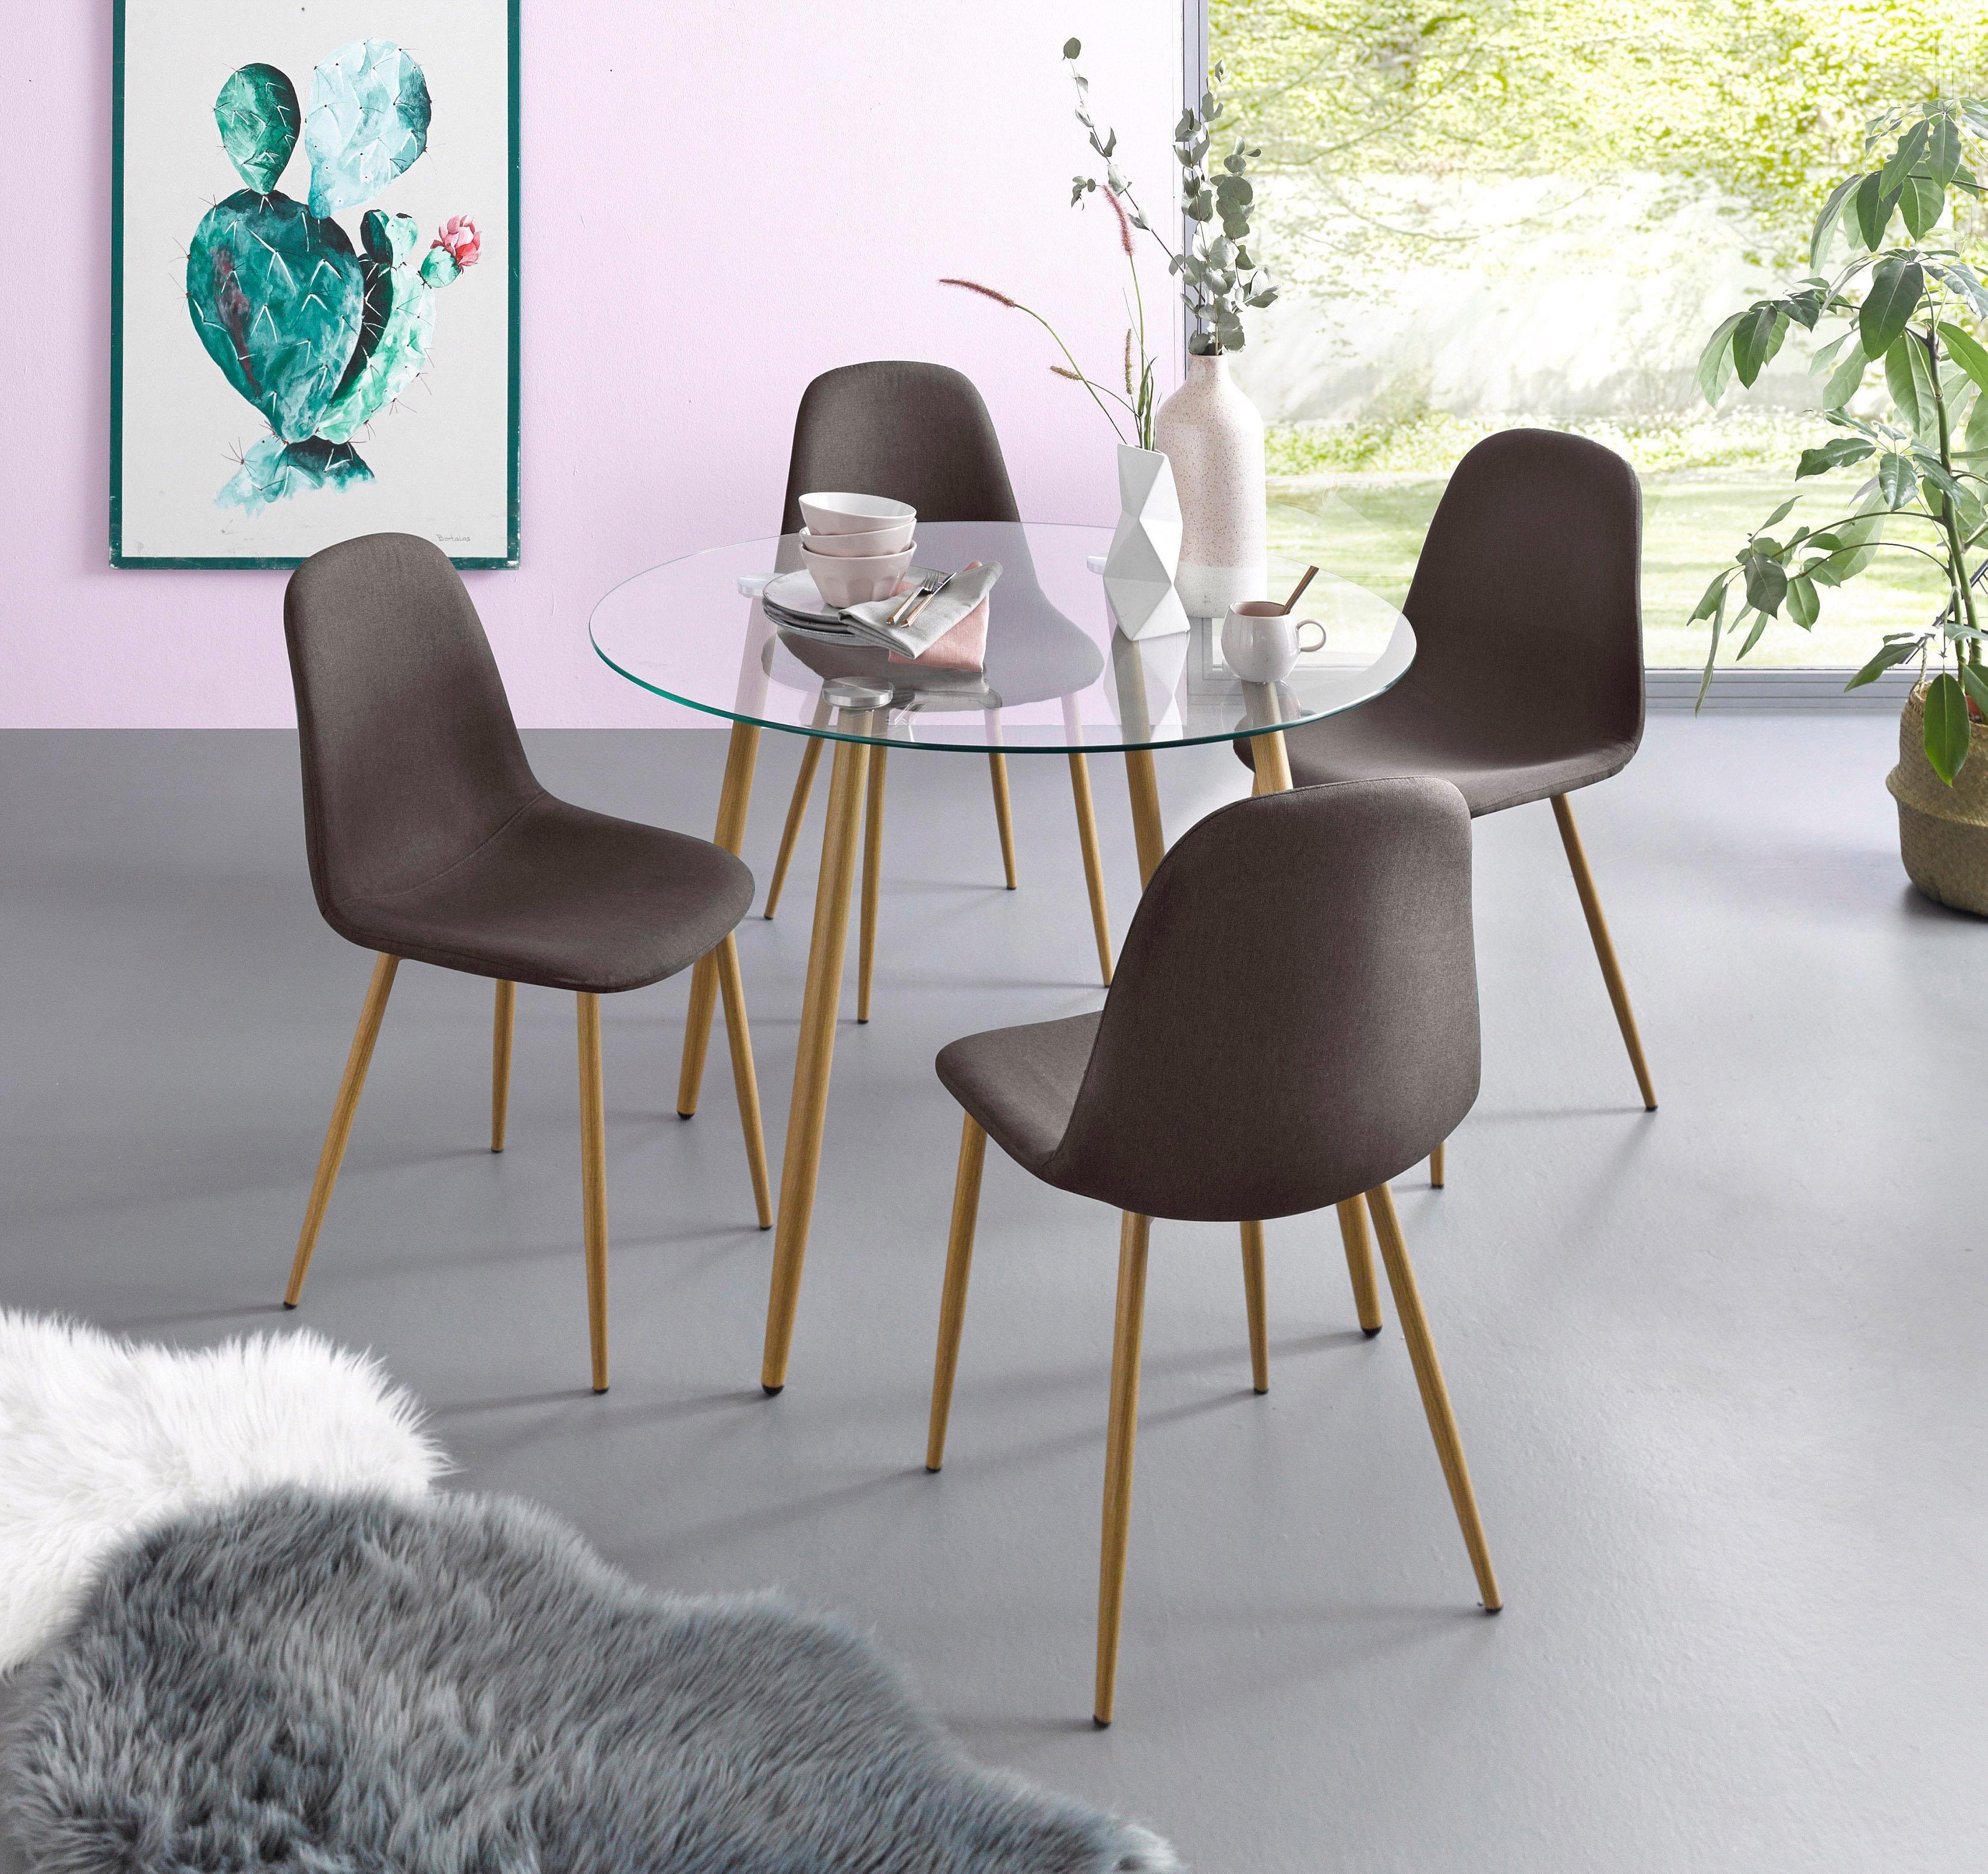 metall-stoff Esszimmerstühle online kaufen | Möbel-Suchmaschine ...